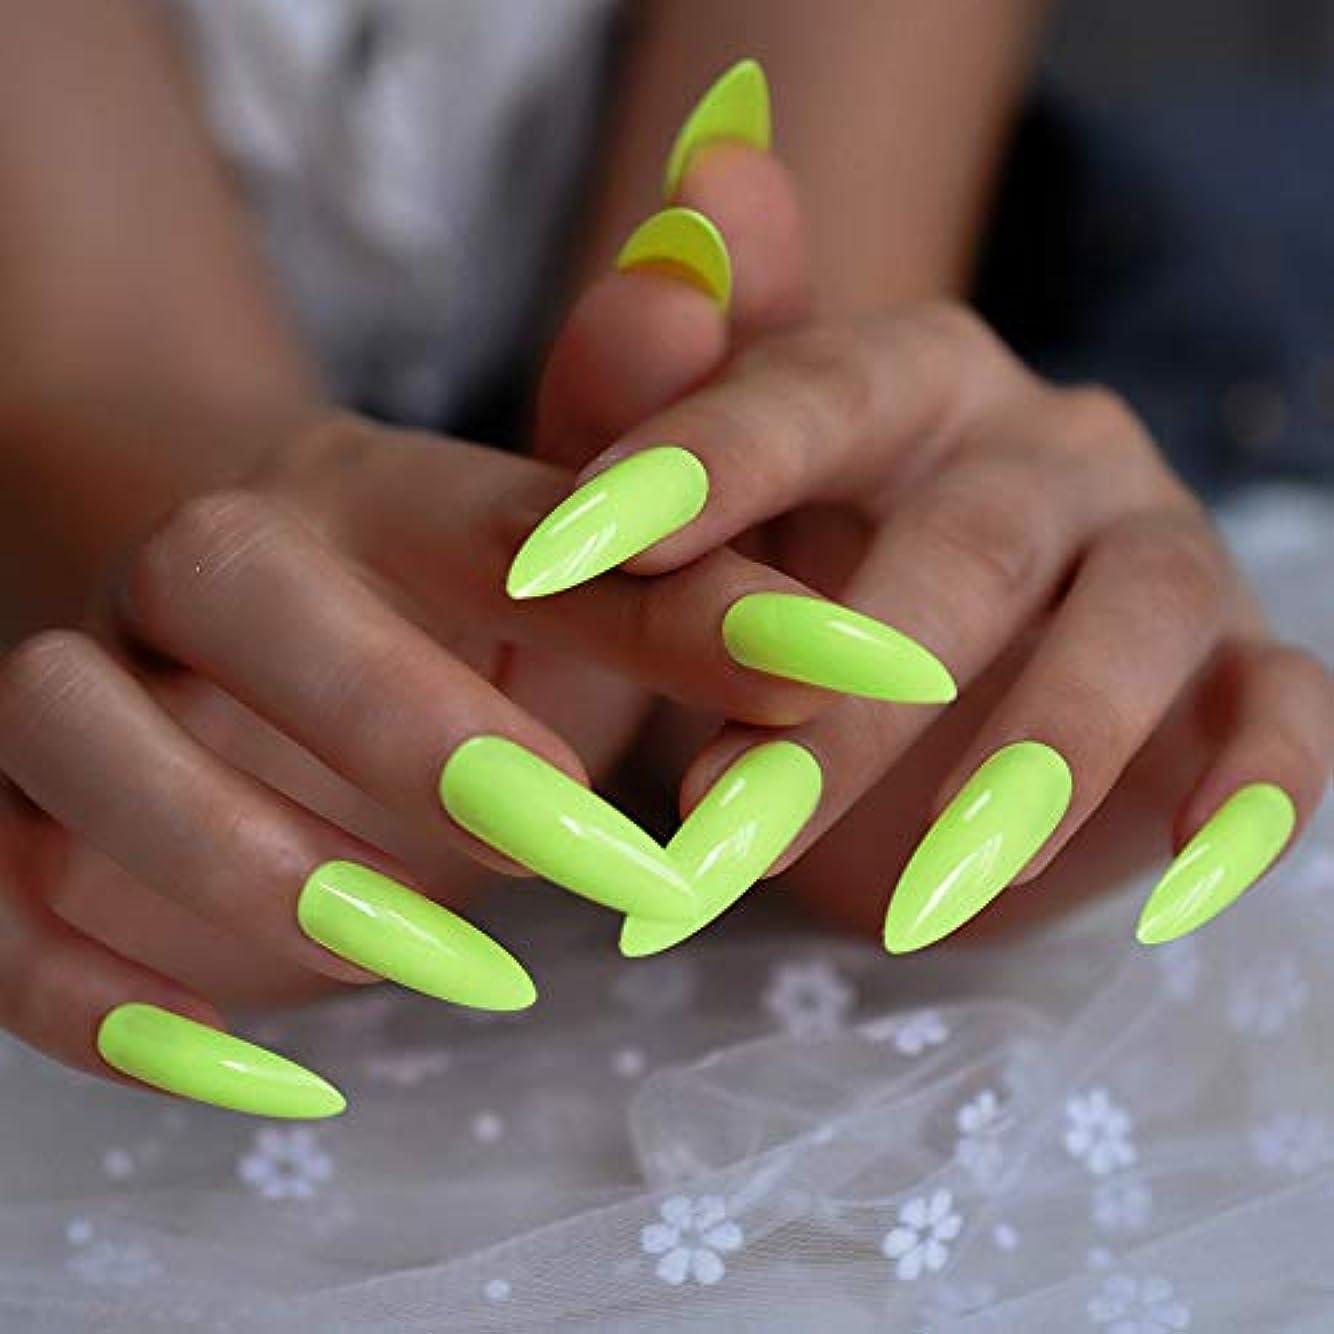 債務毎年社会科XUTXZKA 偽の指の爪に余分な長い指を指すグリーンプレス